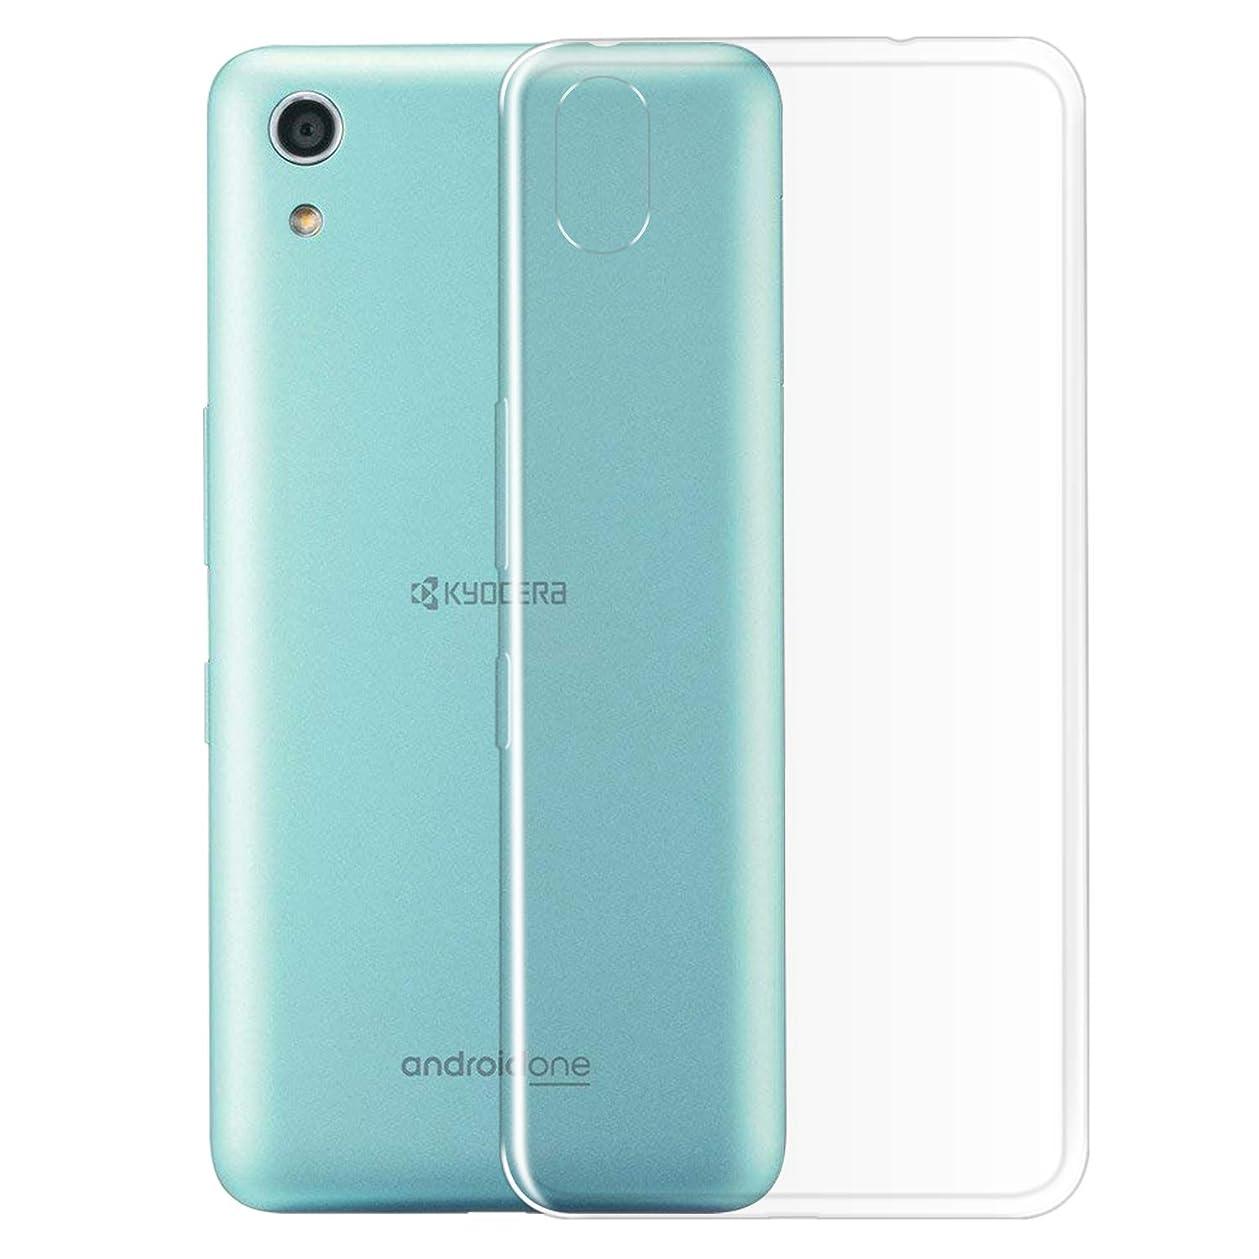 減衰ラインナップモジュールAndroid One S4 ケース HUAKE Android One S4 カバー ソフト 透明 TPU 素材 超薄型 背面カバー 超軽量 耐衝撃 落下防止 Android One S4 保護カバー (Android One S4 用)